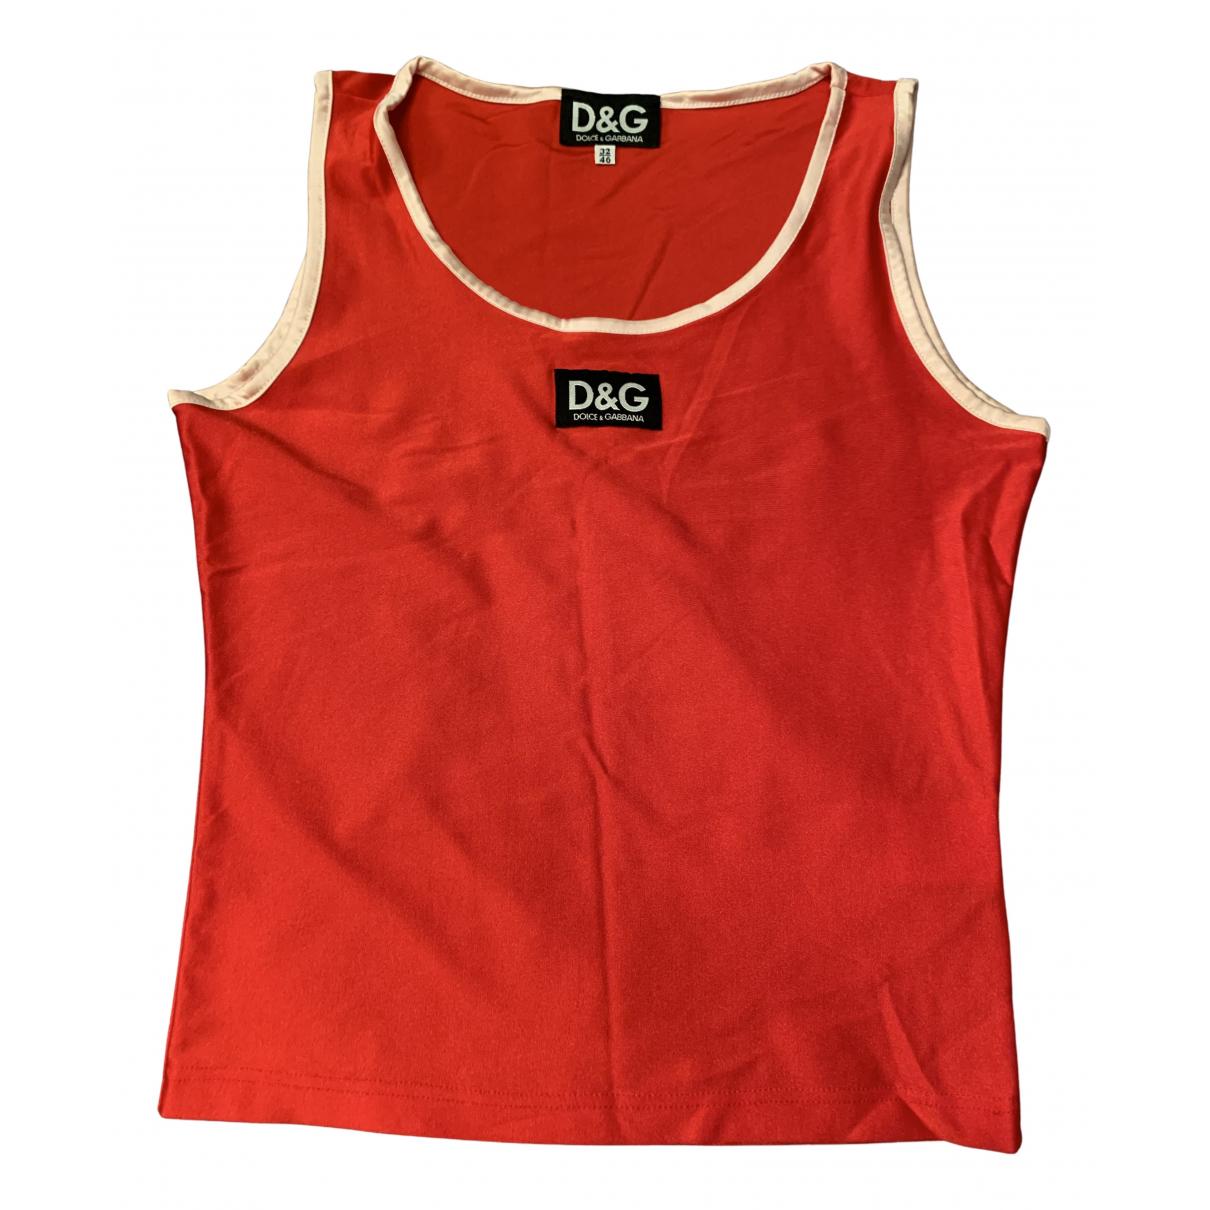 D&g - Top   pour femme - rouge